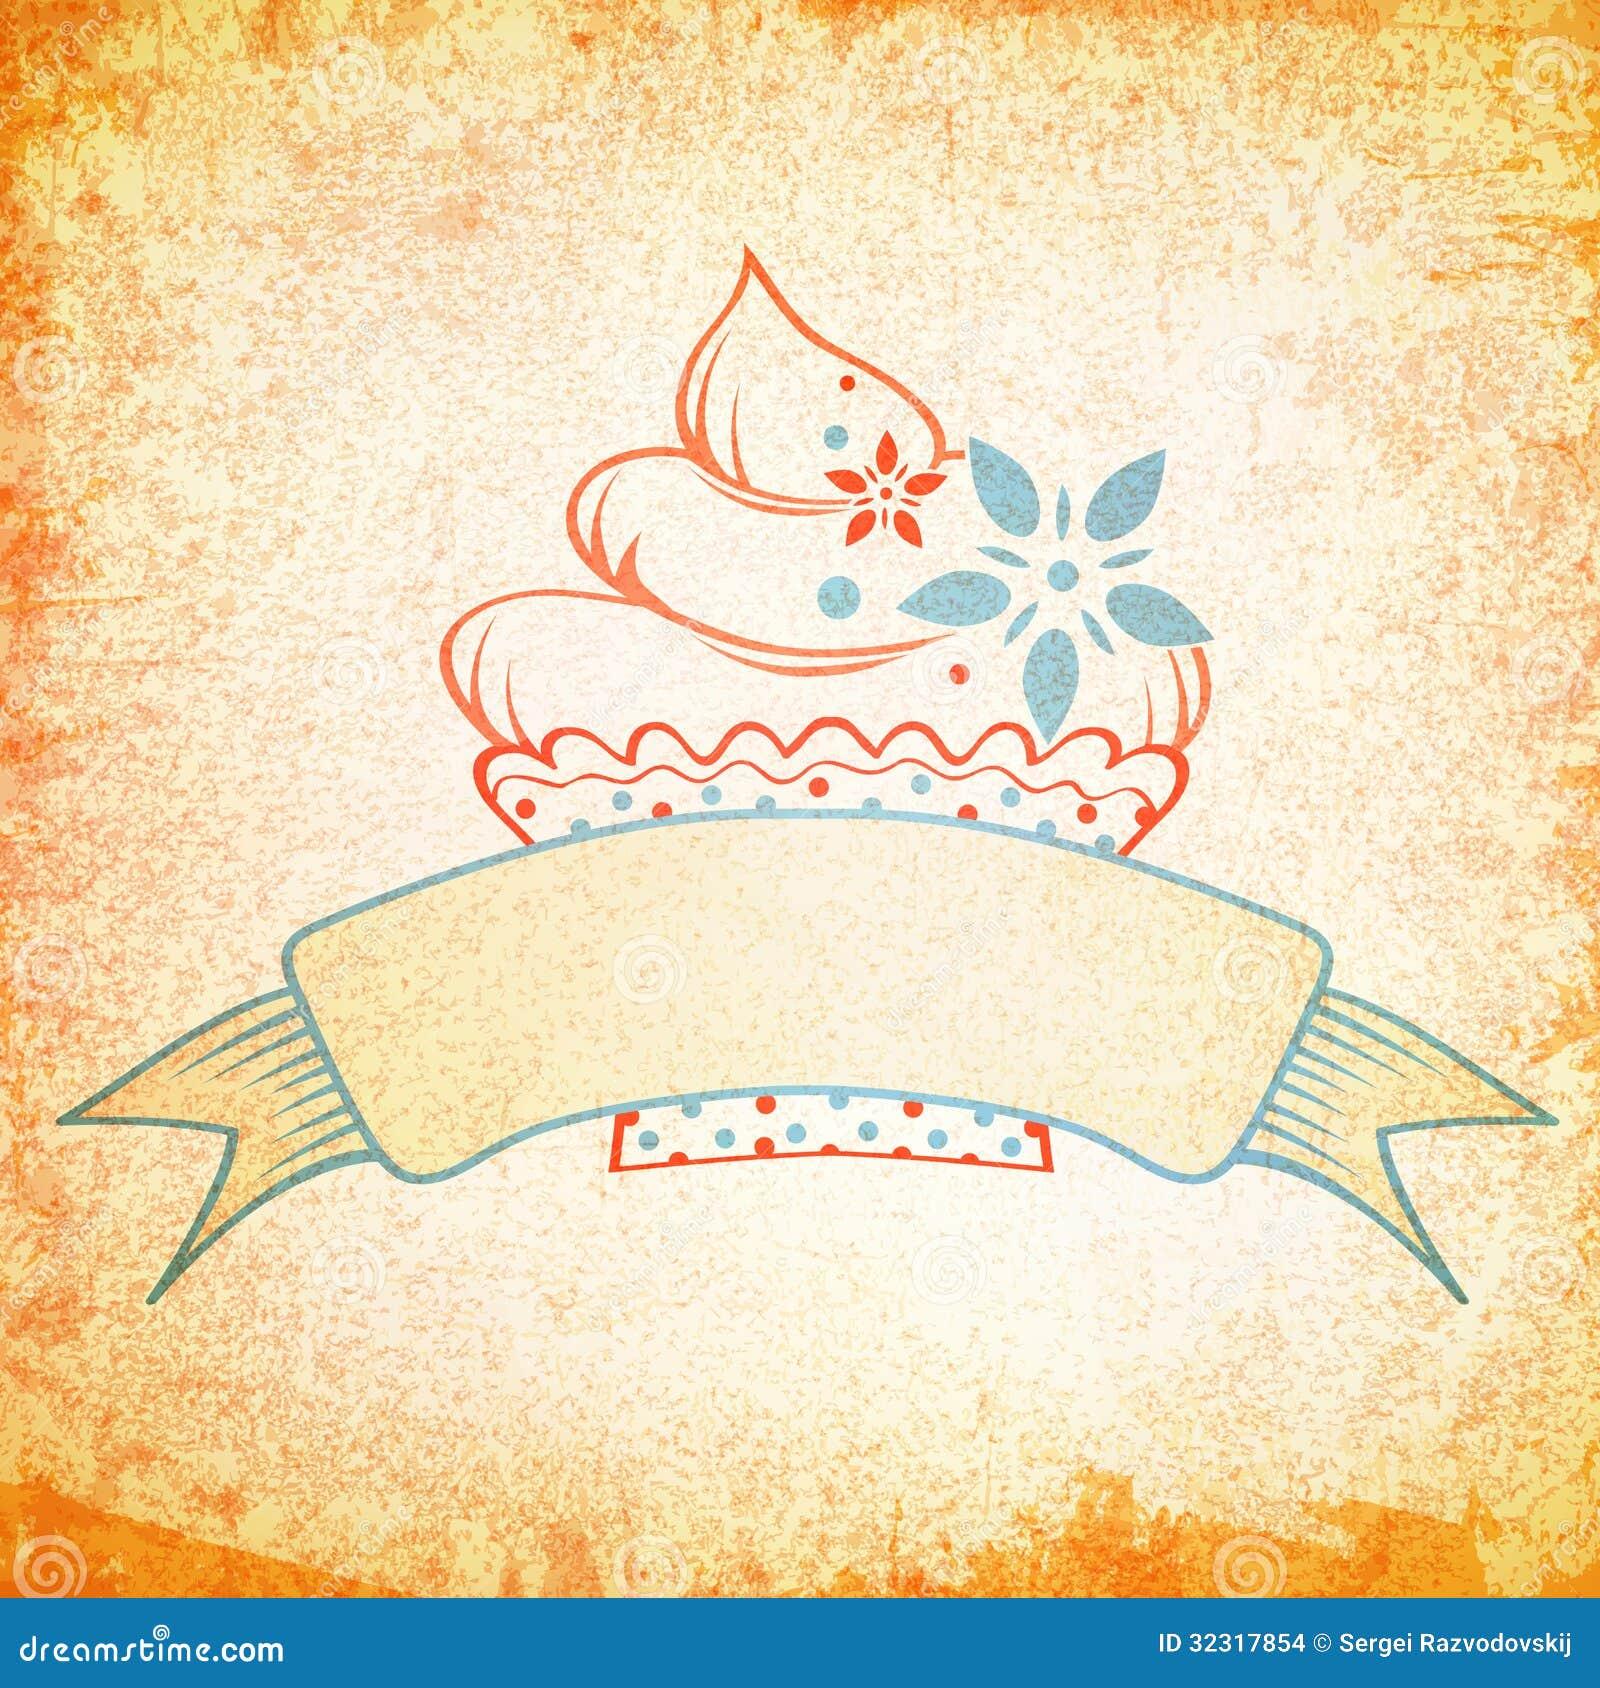 Cake Vintage Design Stock Images - Image: 32317854